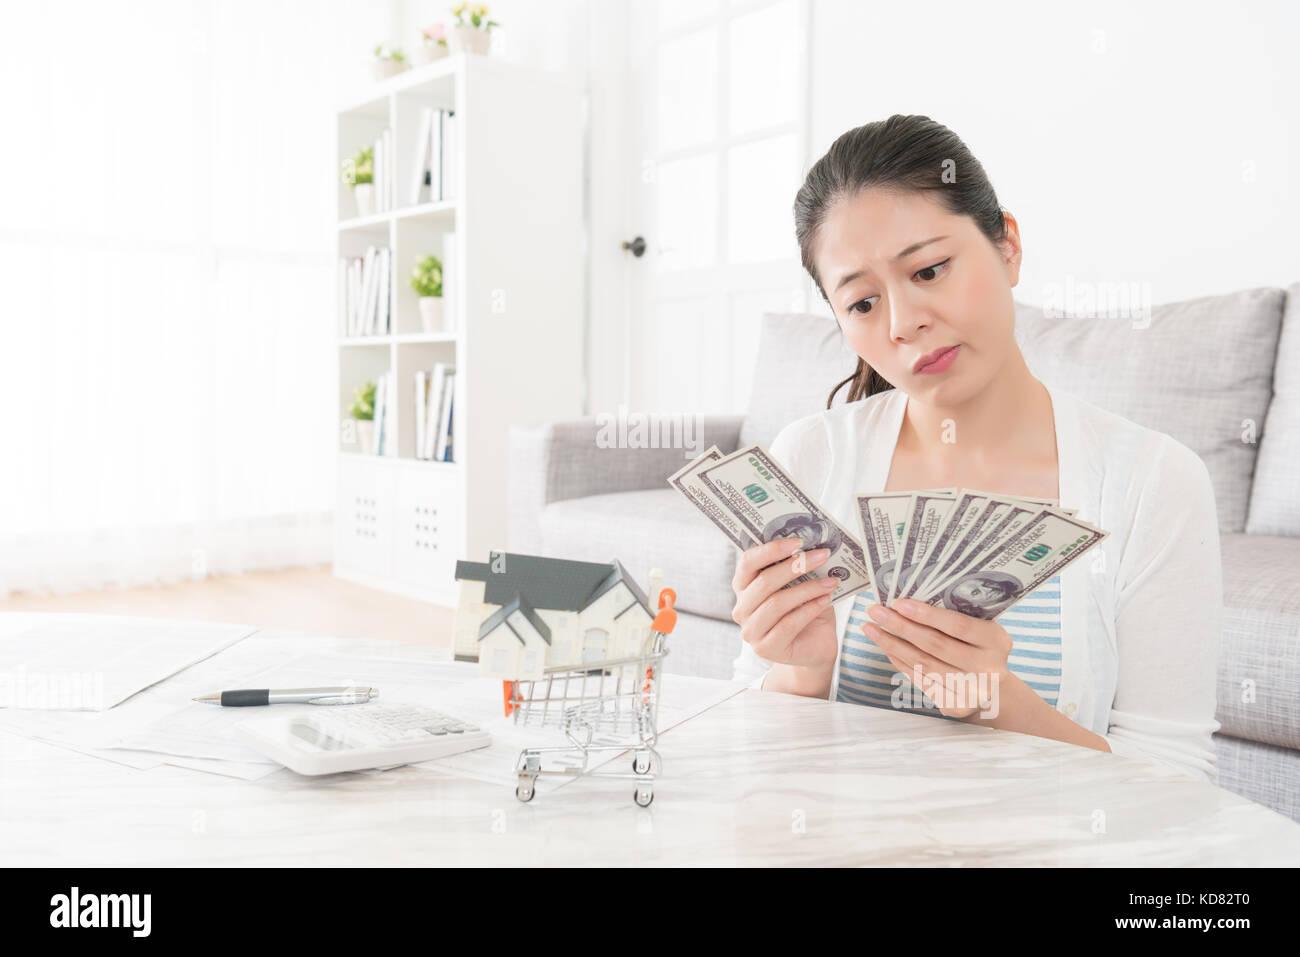 Junge Elegante Madchen Zahlen Einsparungen Geld In Wohnzimmer Gefuhl